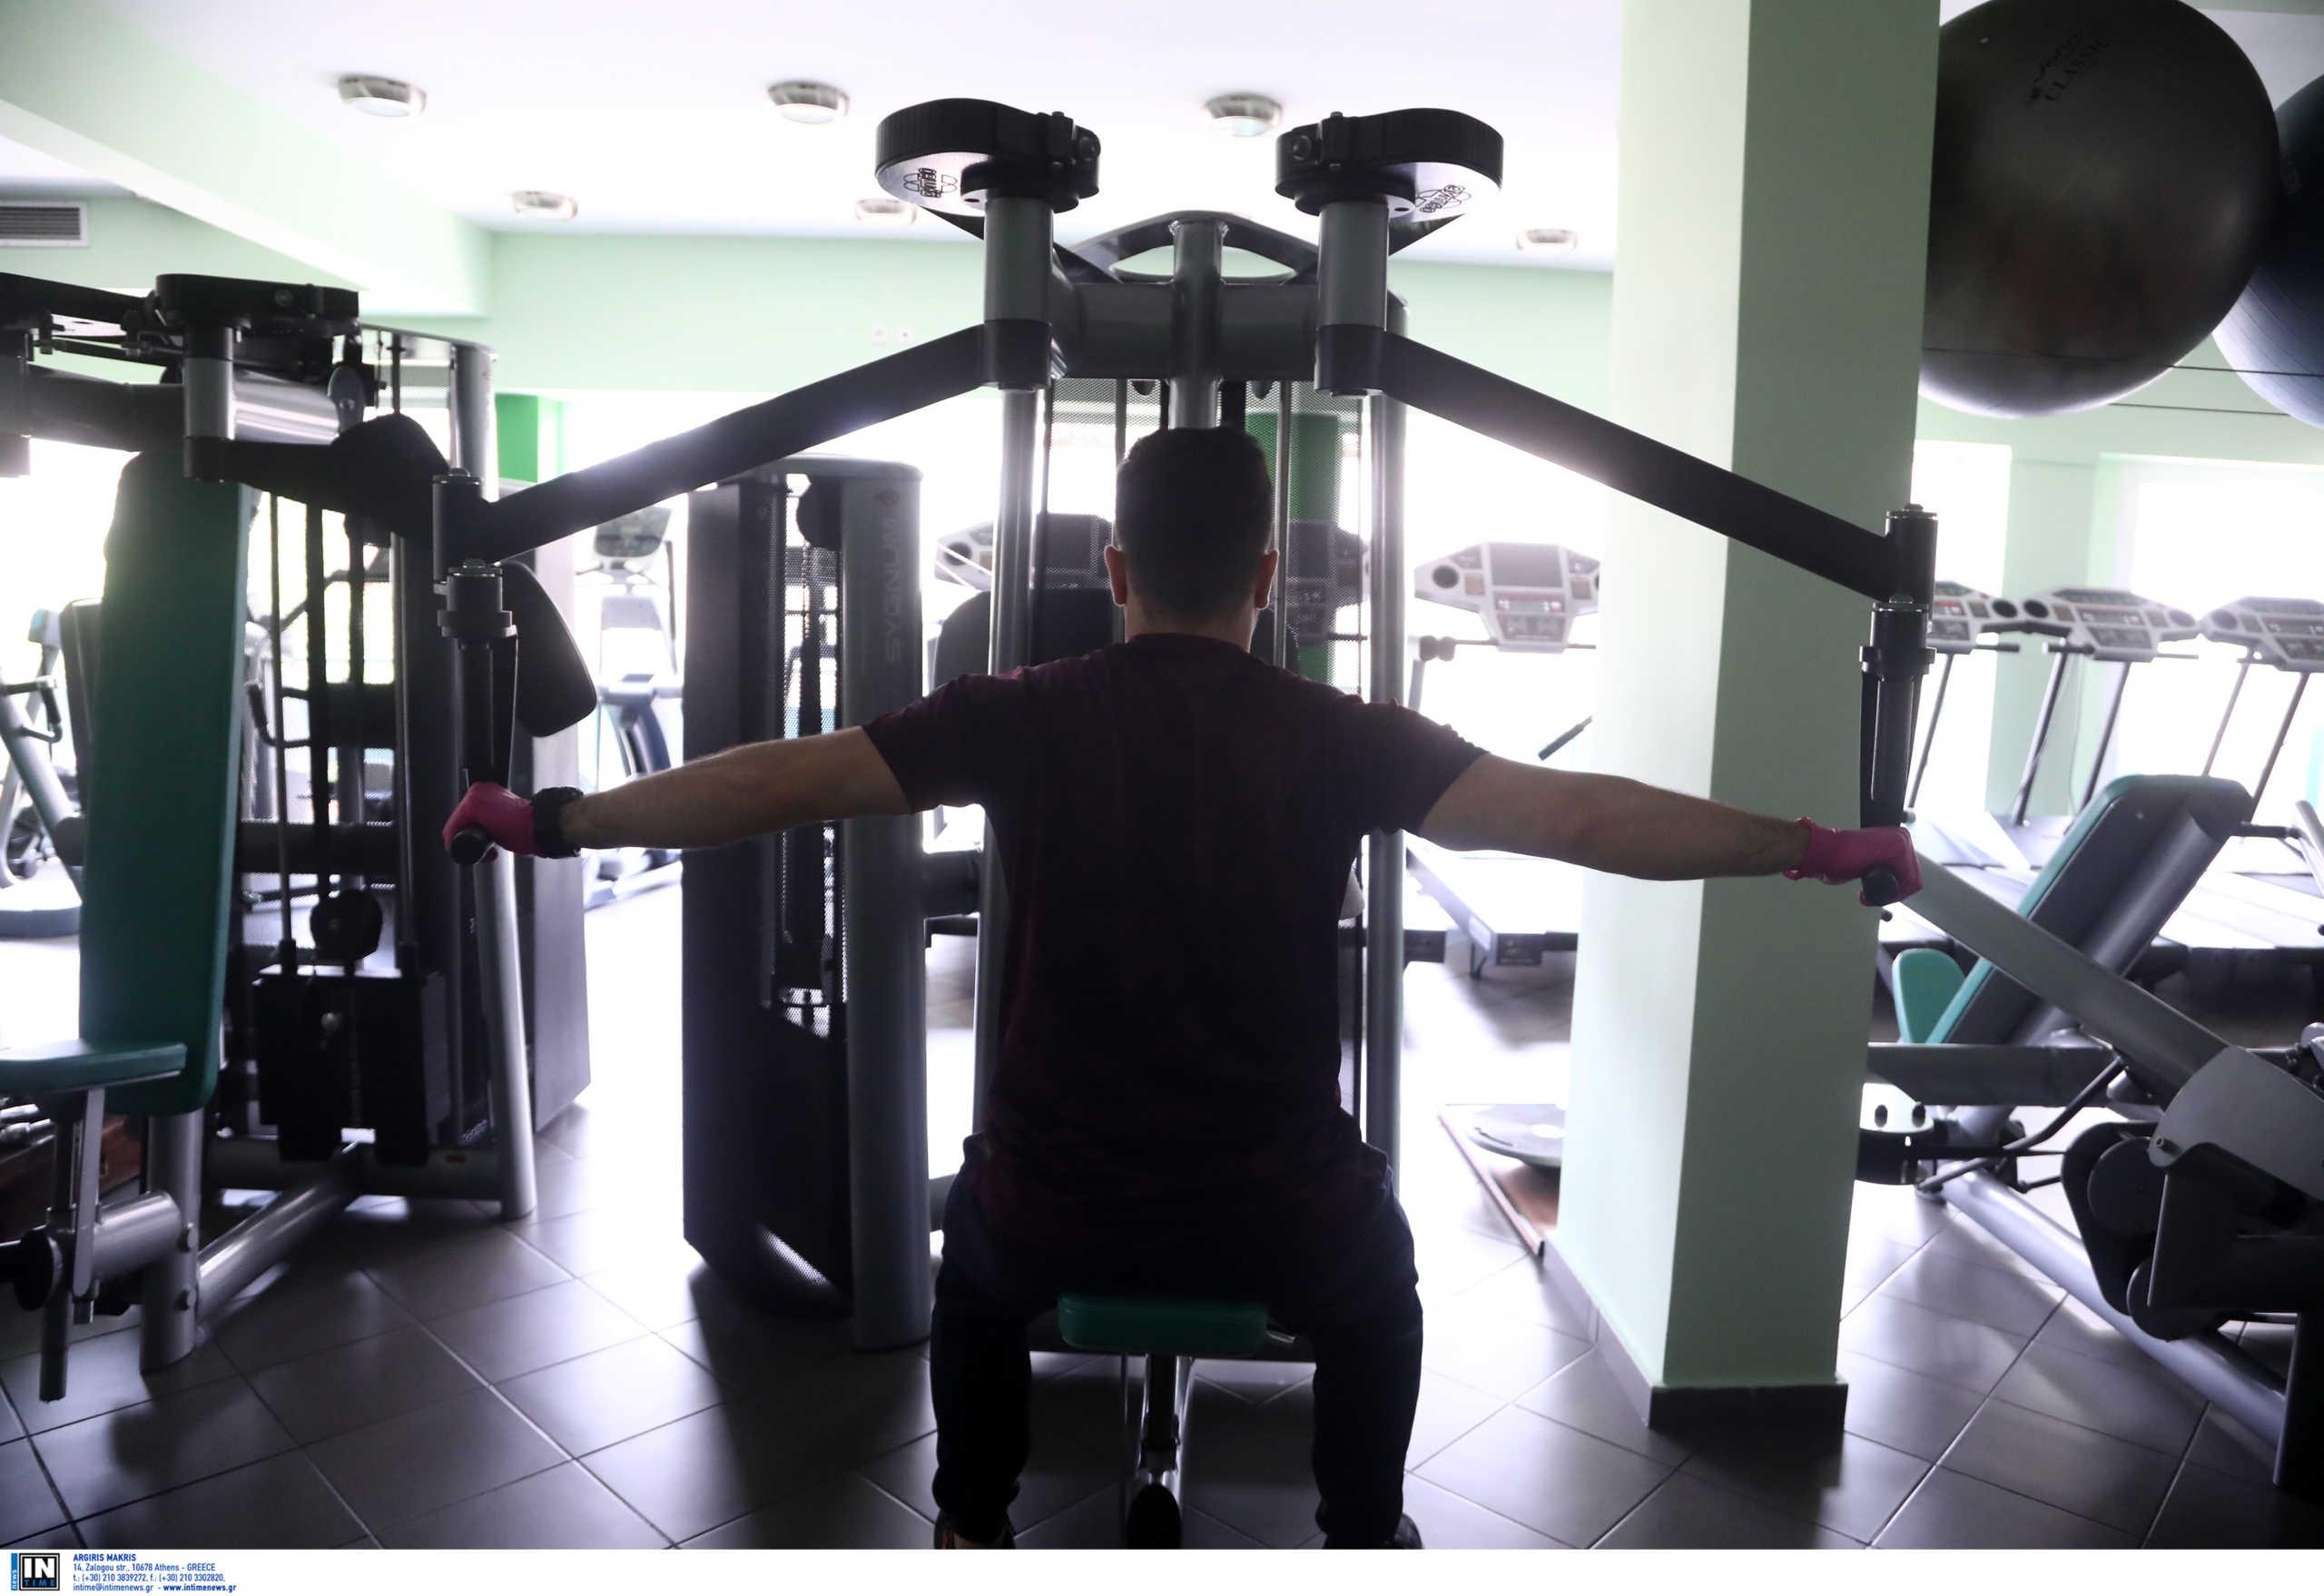 Αίγιο: Έφοδος σε γυμναστήριο που λειτουργούσε – Έγιναν «λούηδες» οι πελάτες